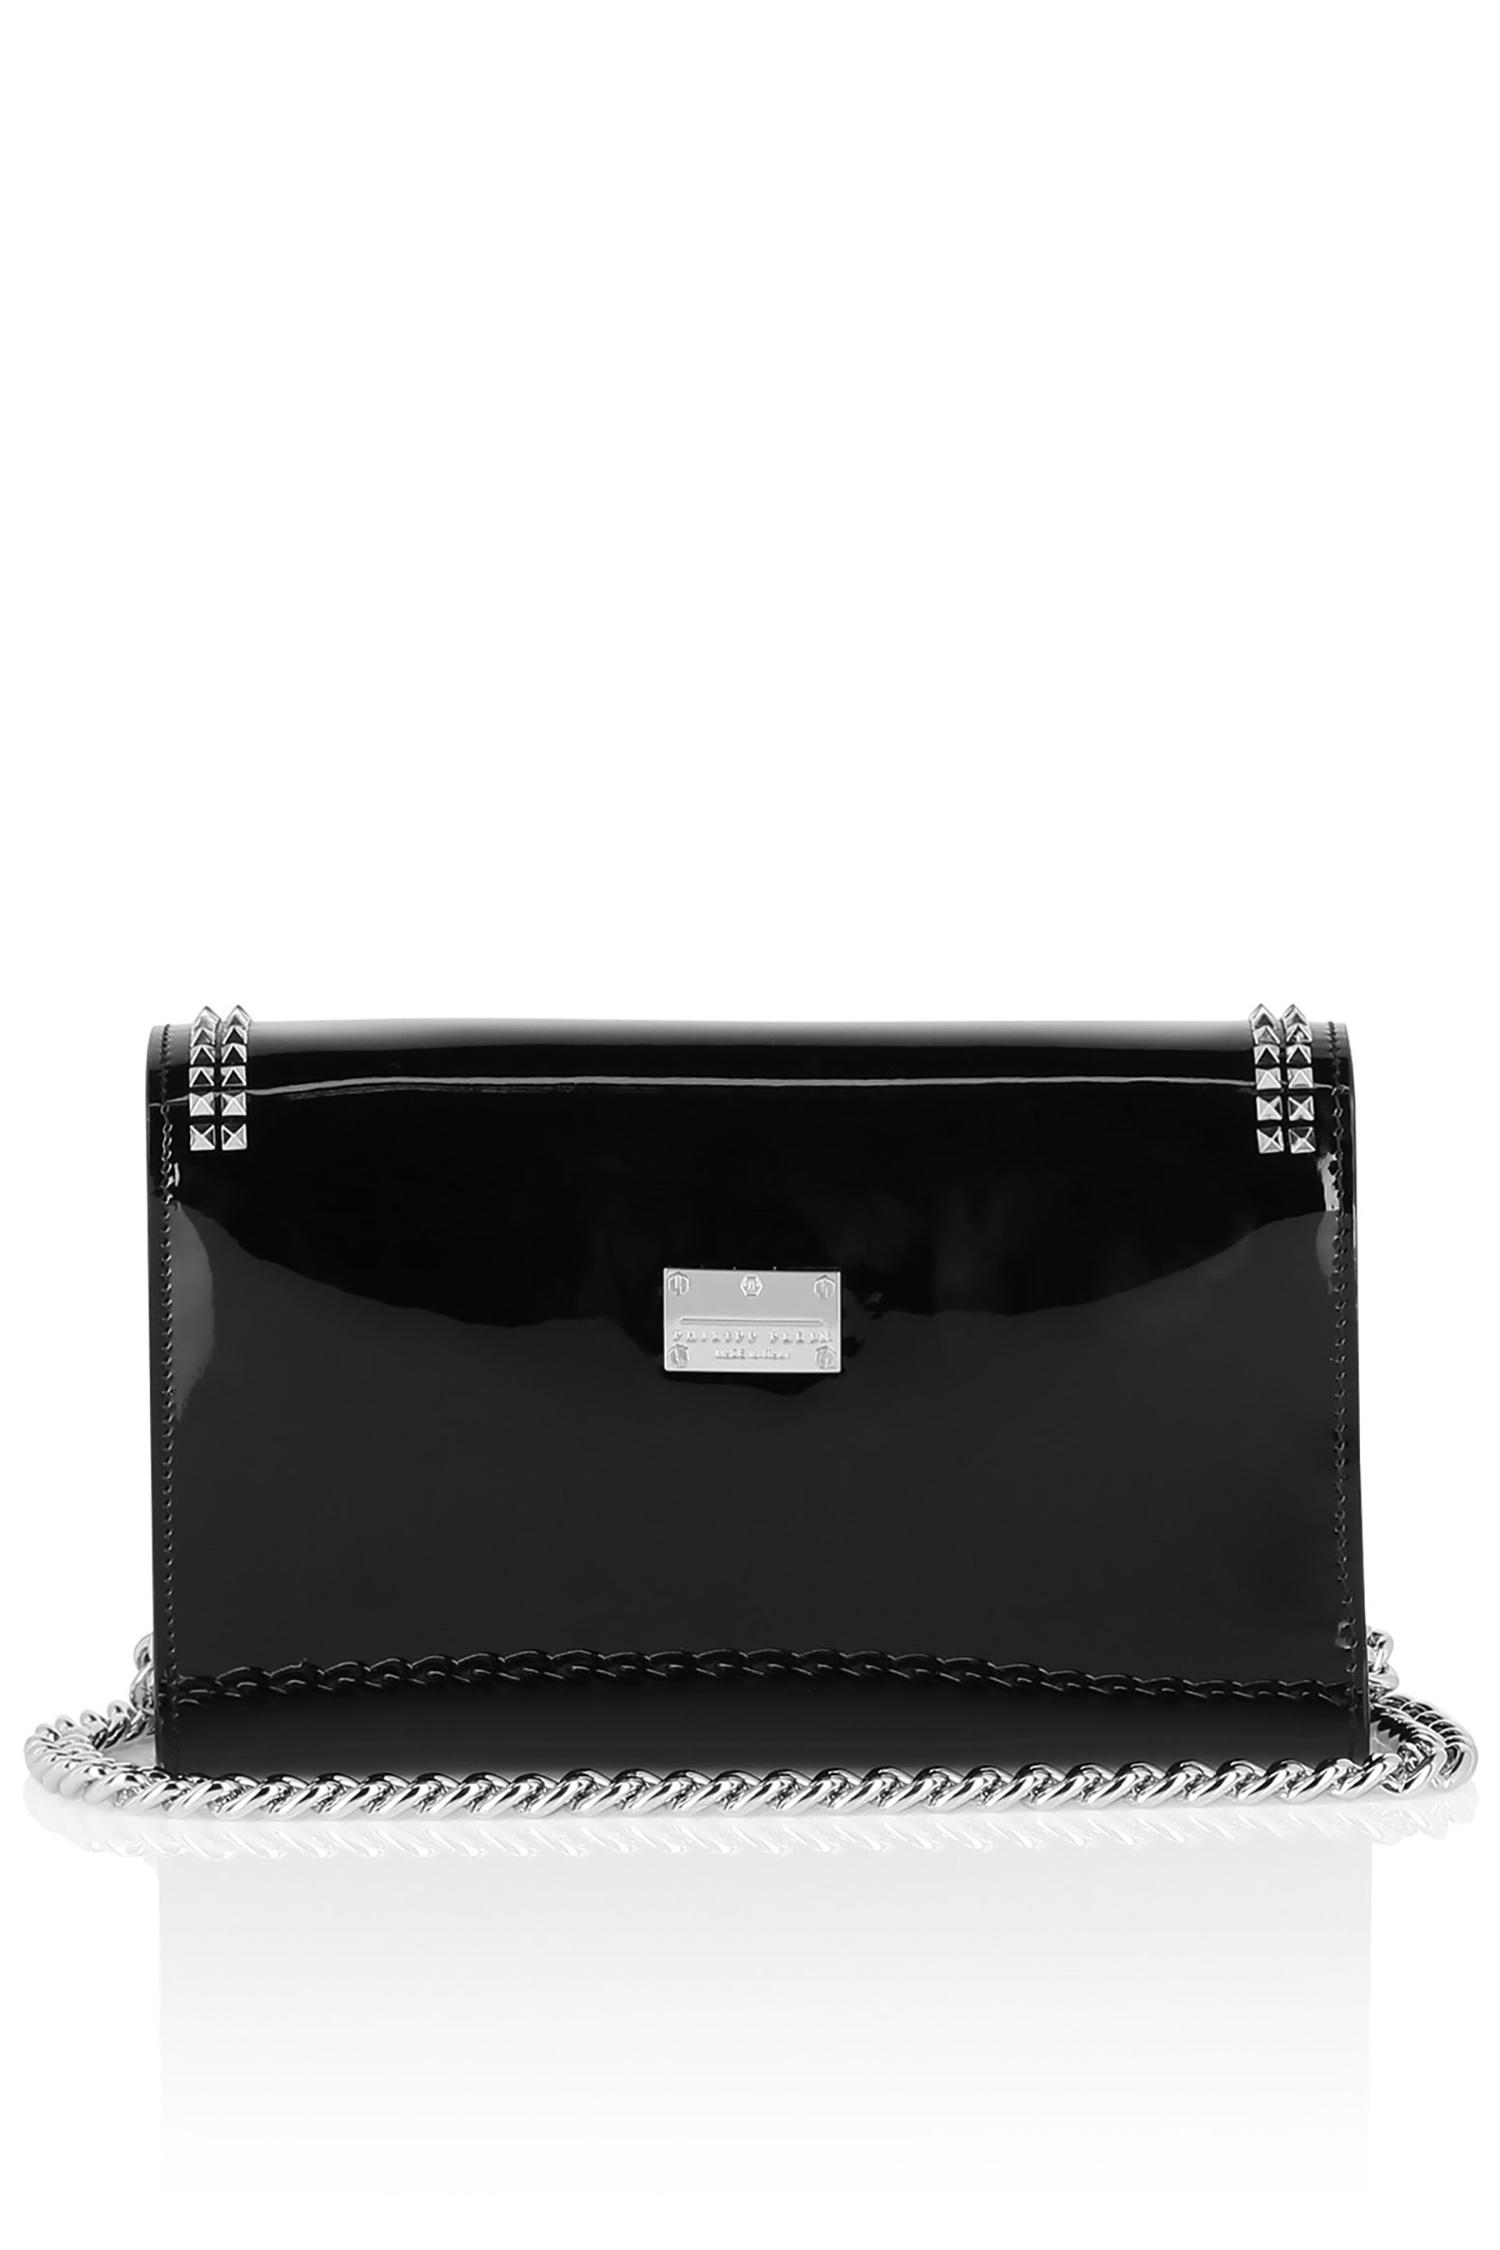 7ffb21415218 Черный лакированный клатч Philipp Plein – купить в интернет-магазине ...